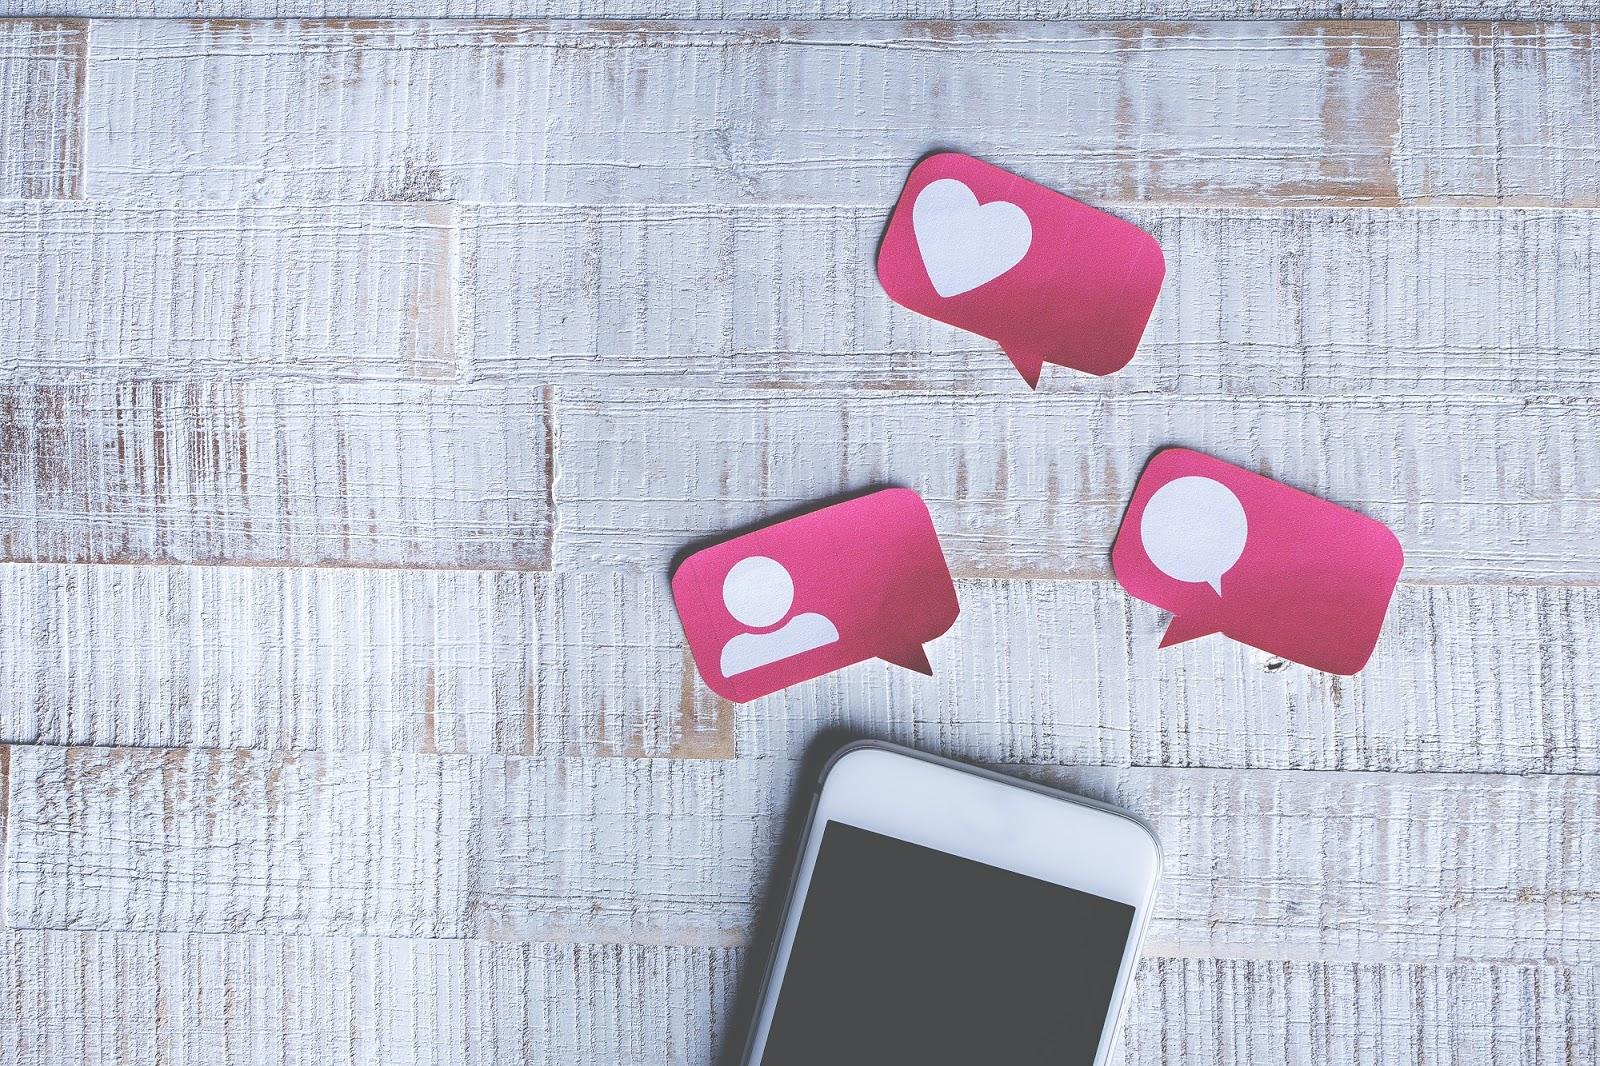 6 conseils pour tourner l'algorithme Instagram à votre avantage